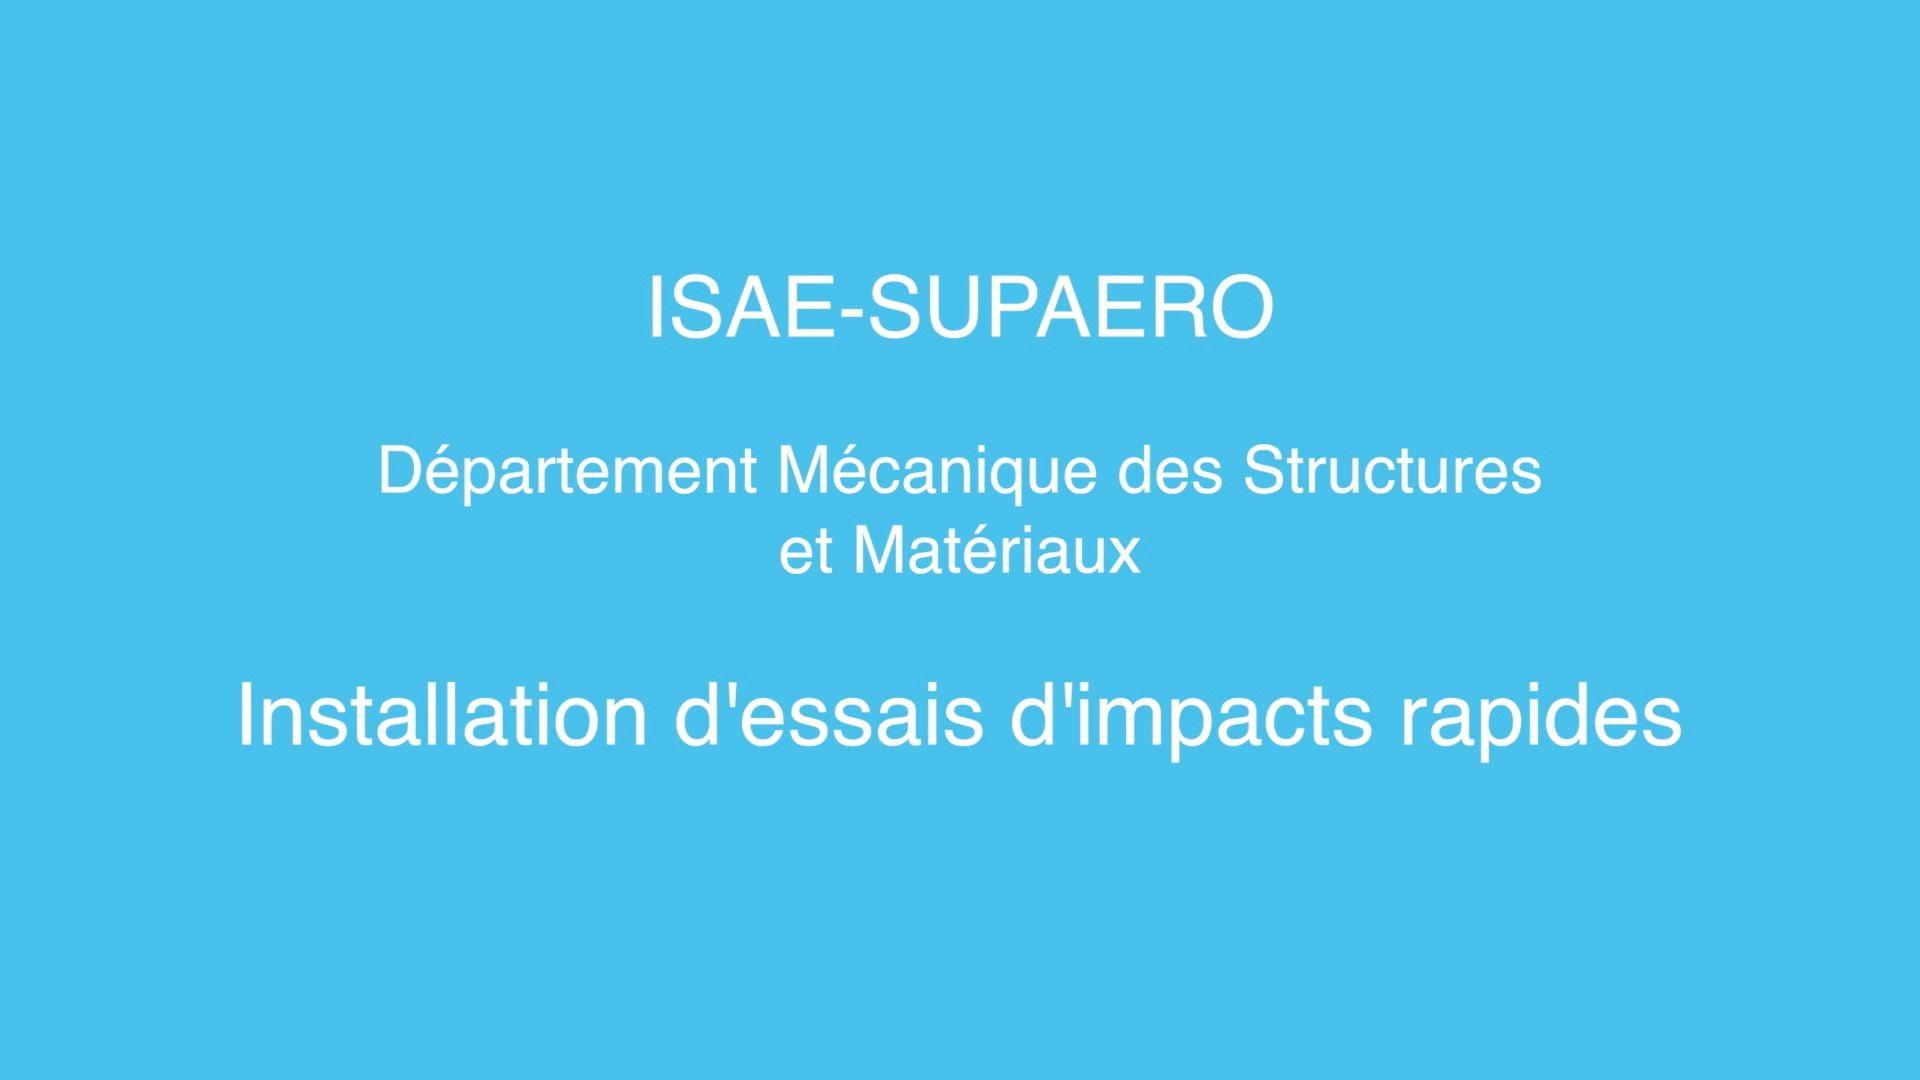 Installation d'essais d'impacts rapides